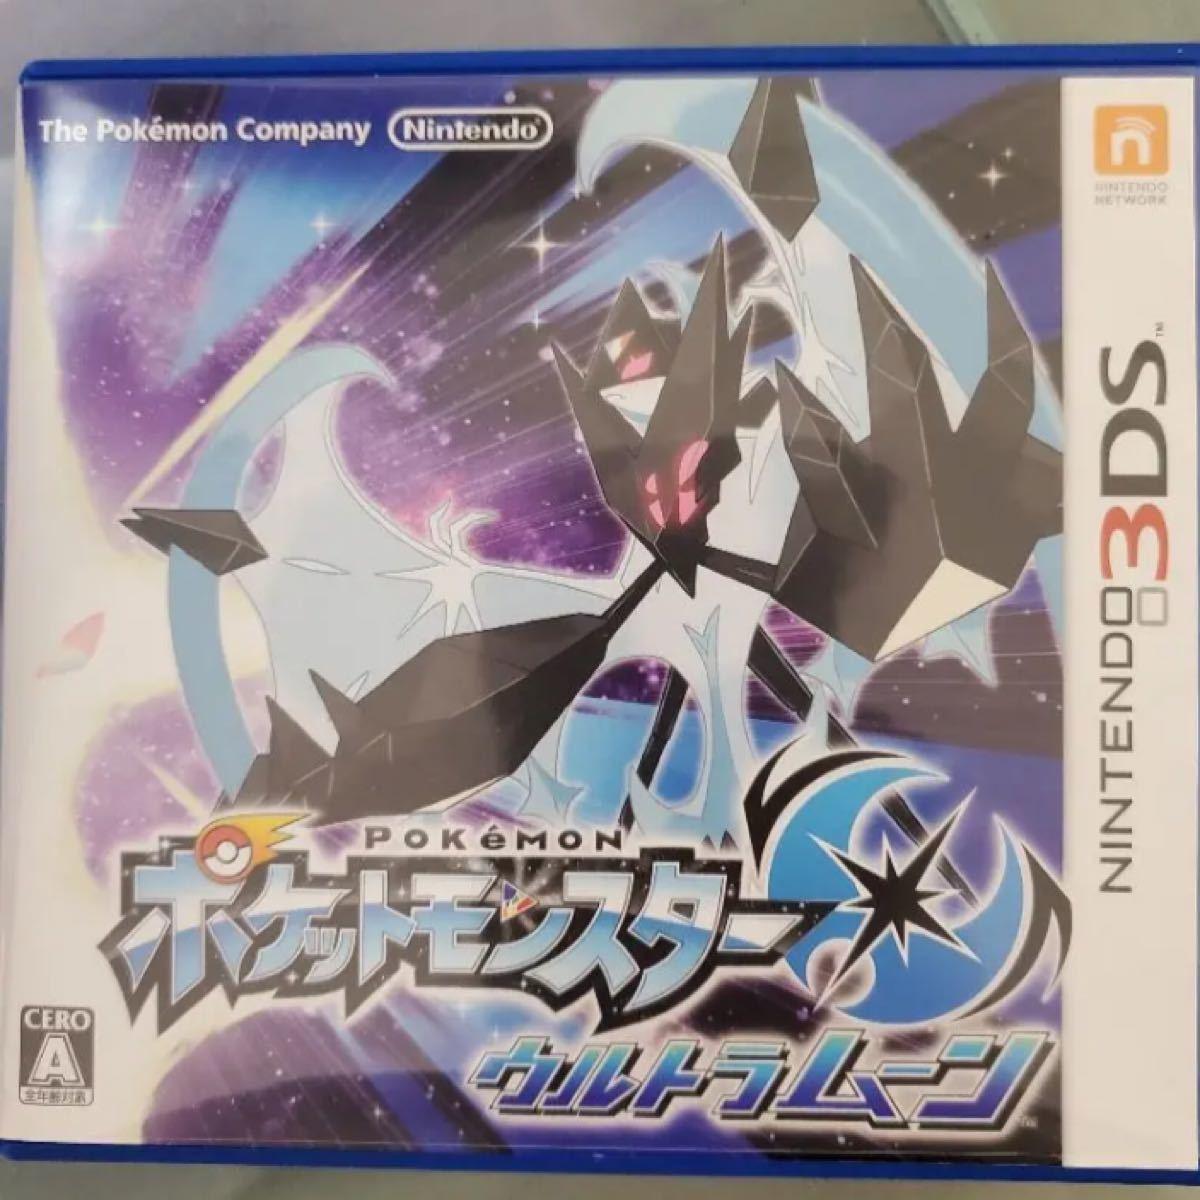 ポケットモンスターウルトラムーン 3DS ポケットモンスターウルトラサン ポケモン 3DSソフト